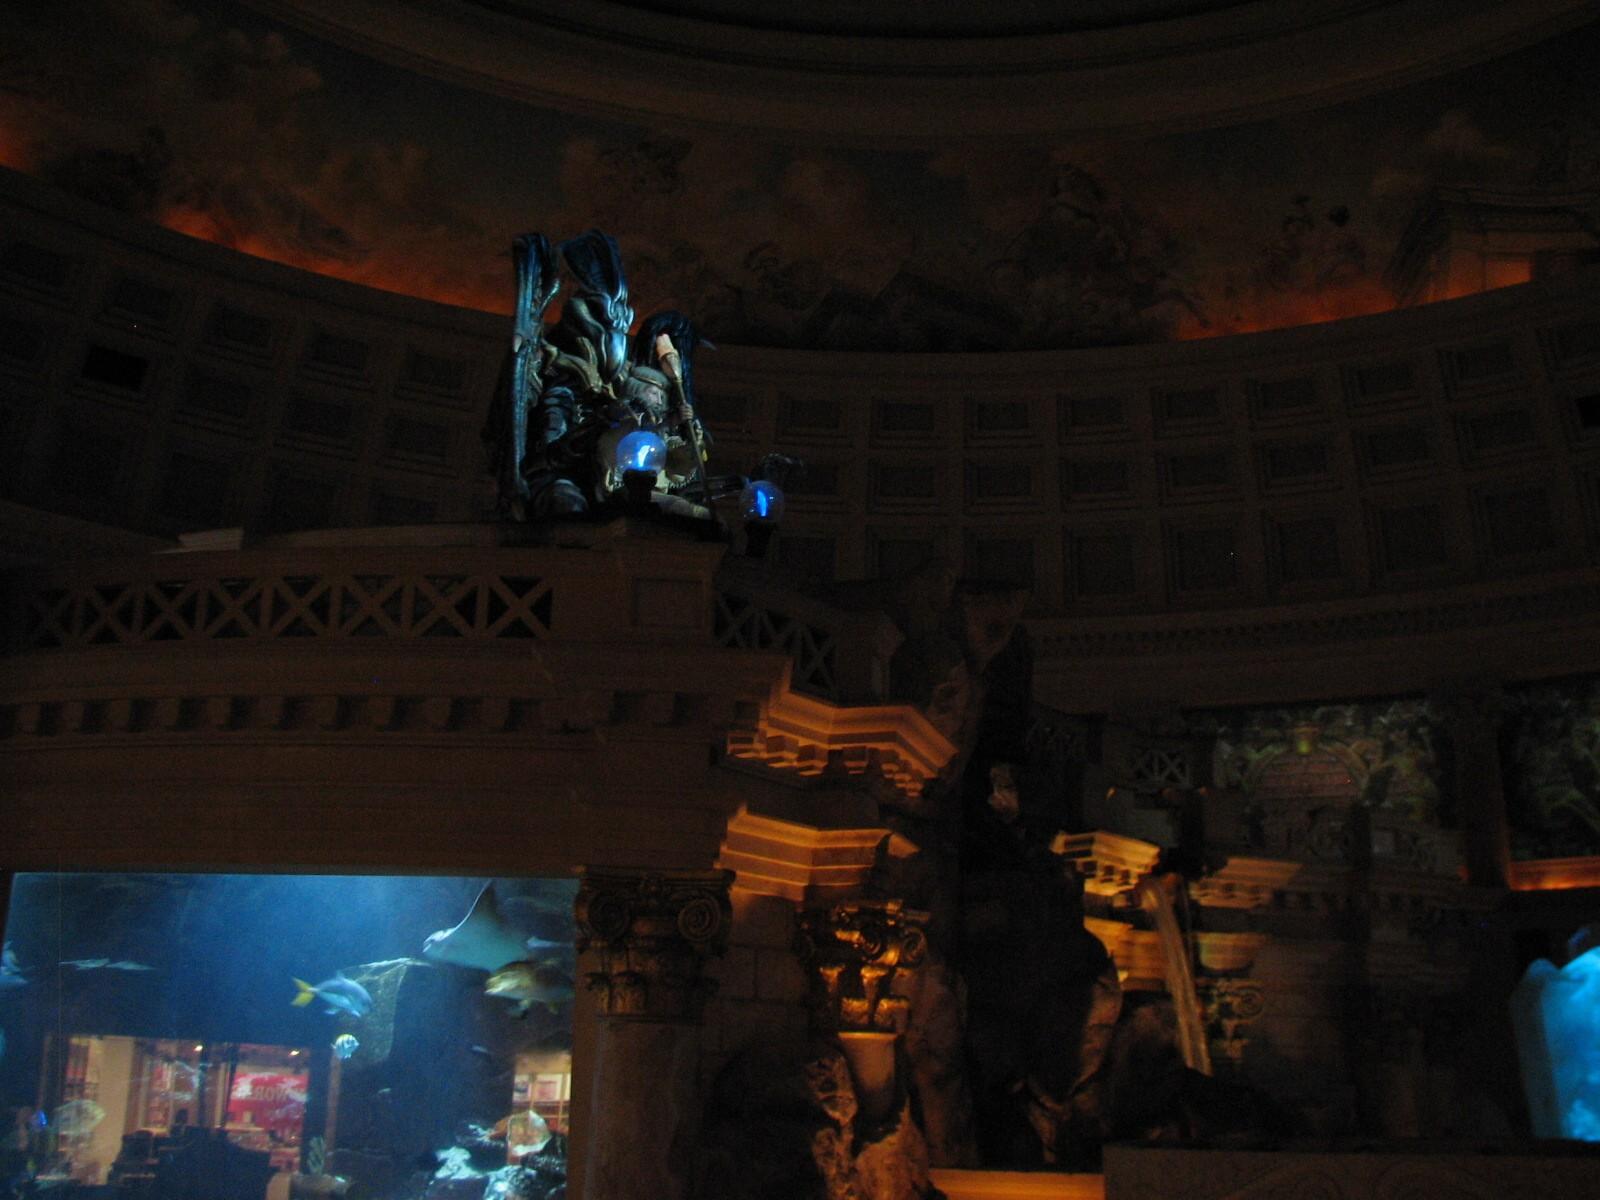 Fall of Atlantis Caesars Palace Las Vegas